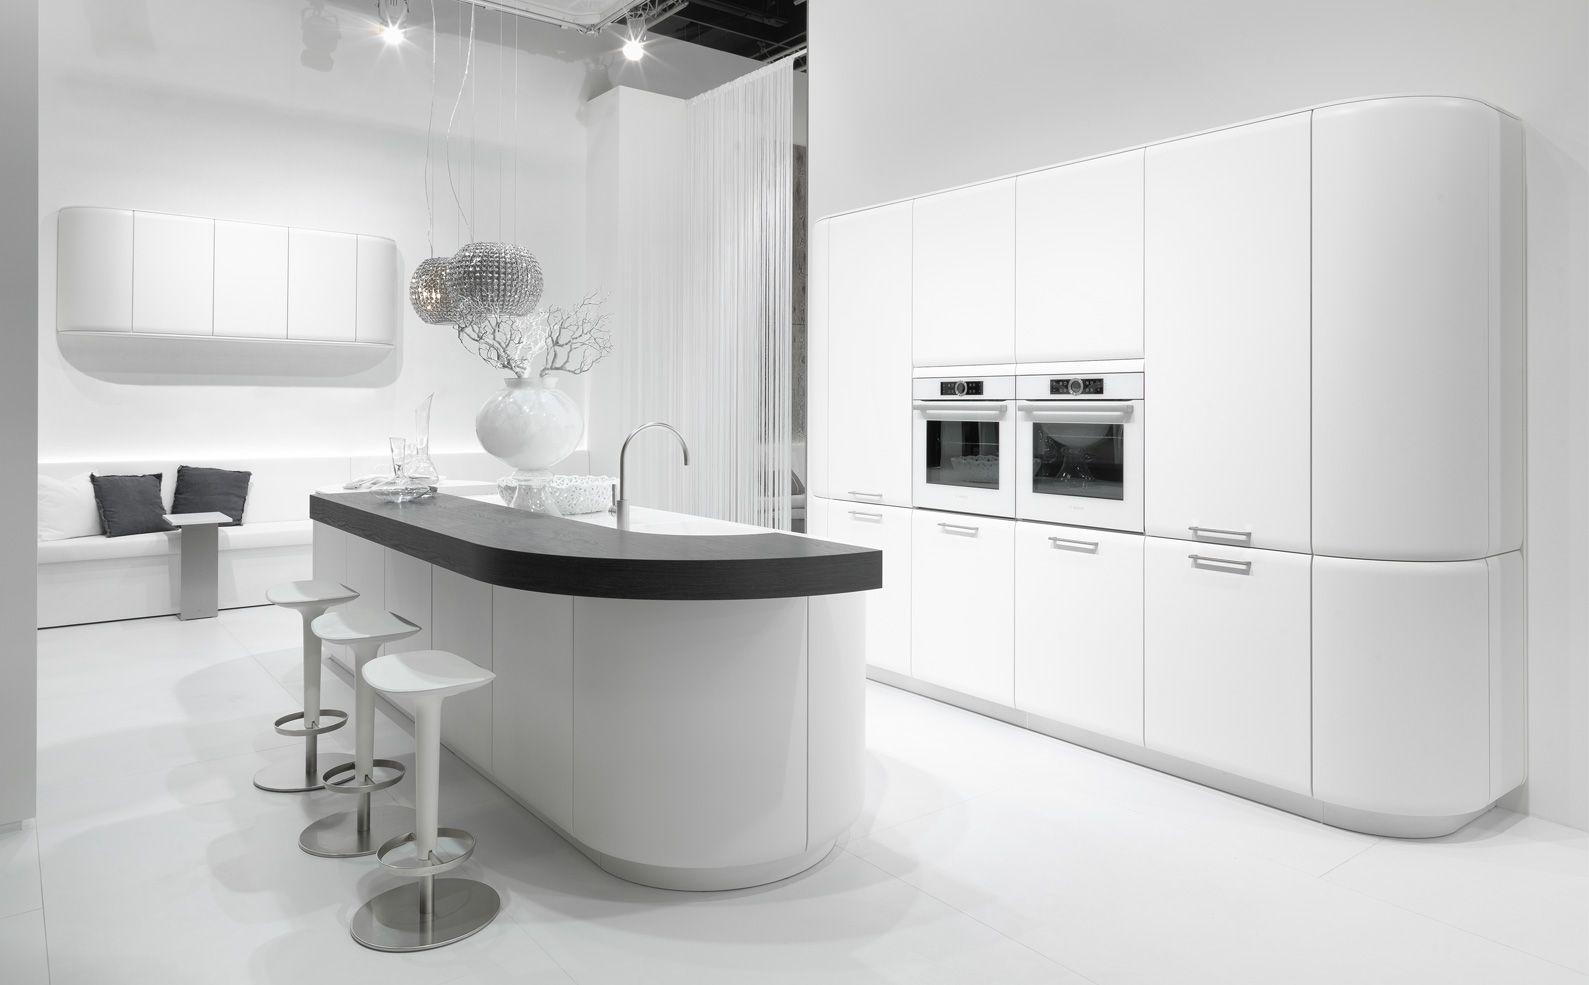 rational einbauküchen Einbauküche, Innenarchitektur